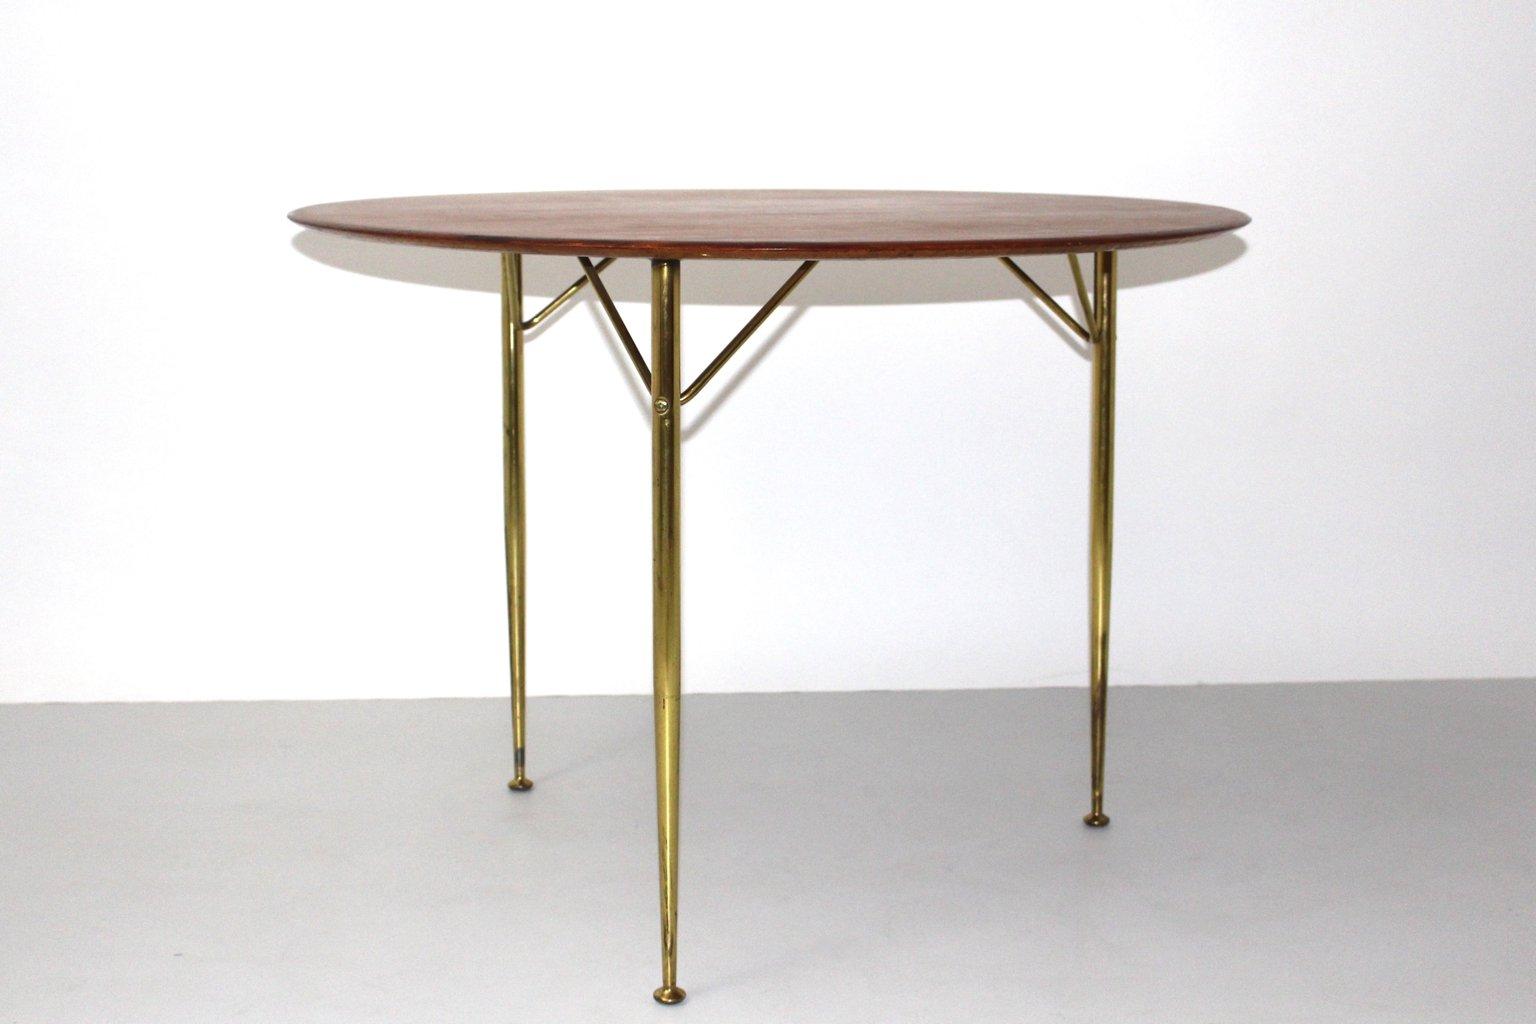 d nischer tisch mit dreifu von arne jacobsen f r fritz hansen 1950er bei pamono kaufen. Black Bedroom Furniture Sets. Home Design Ideas